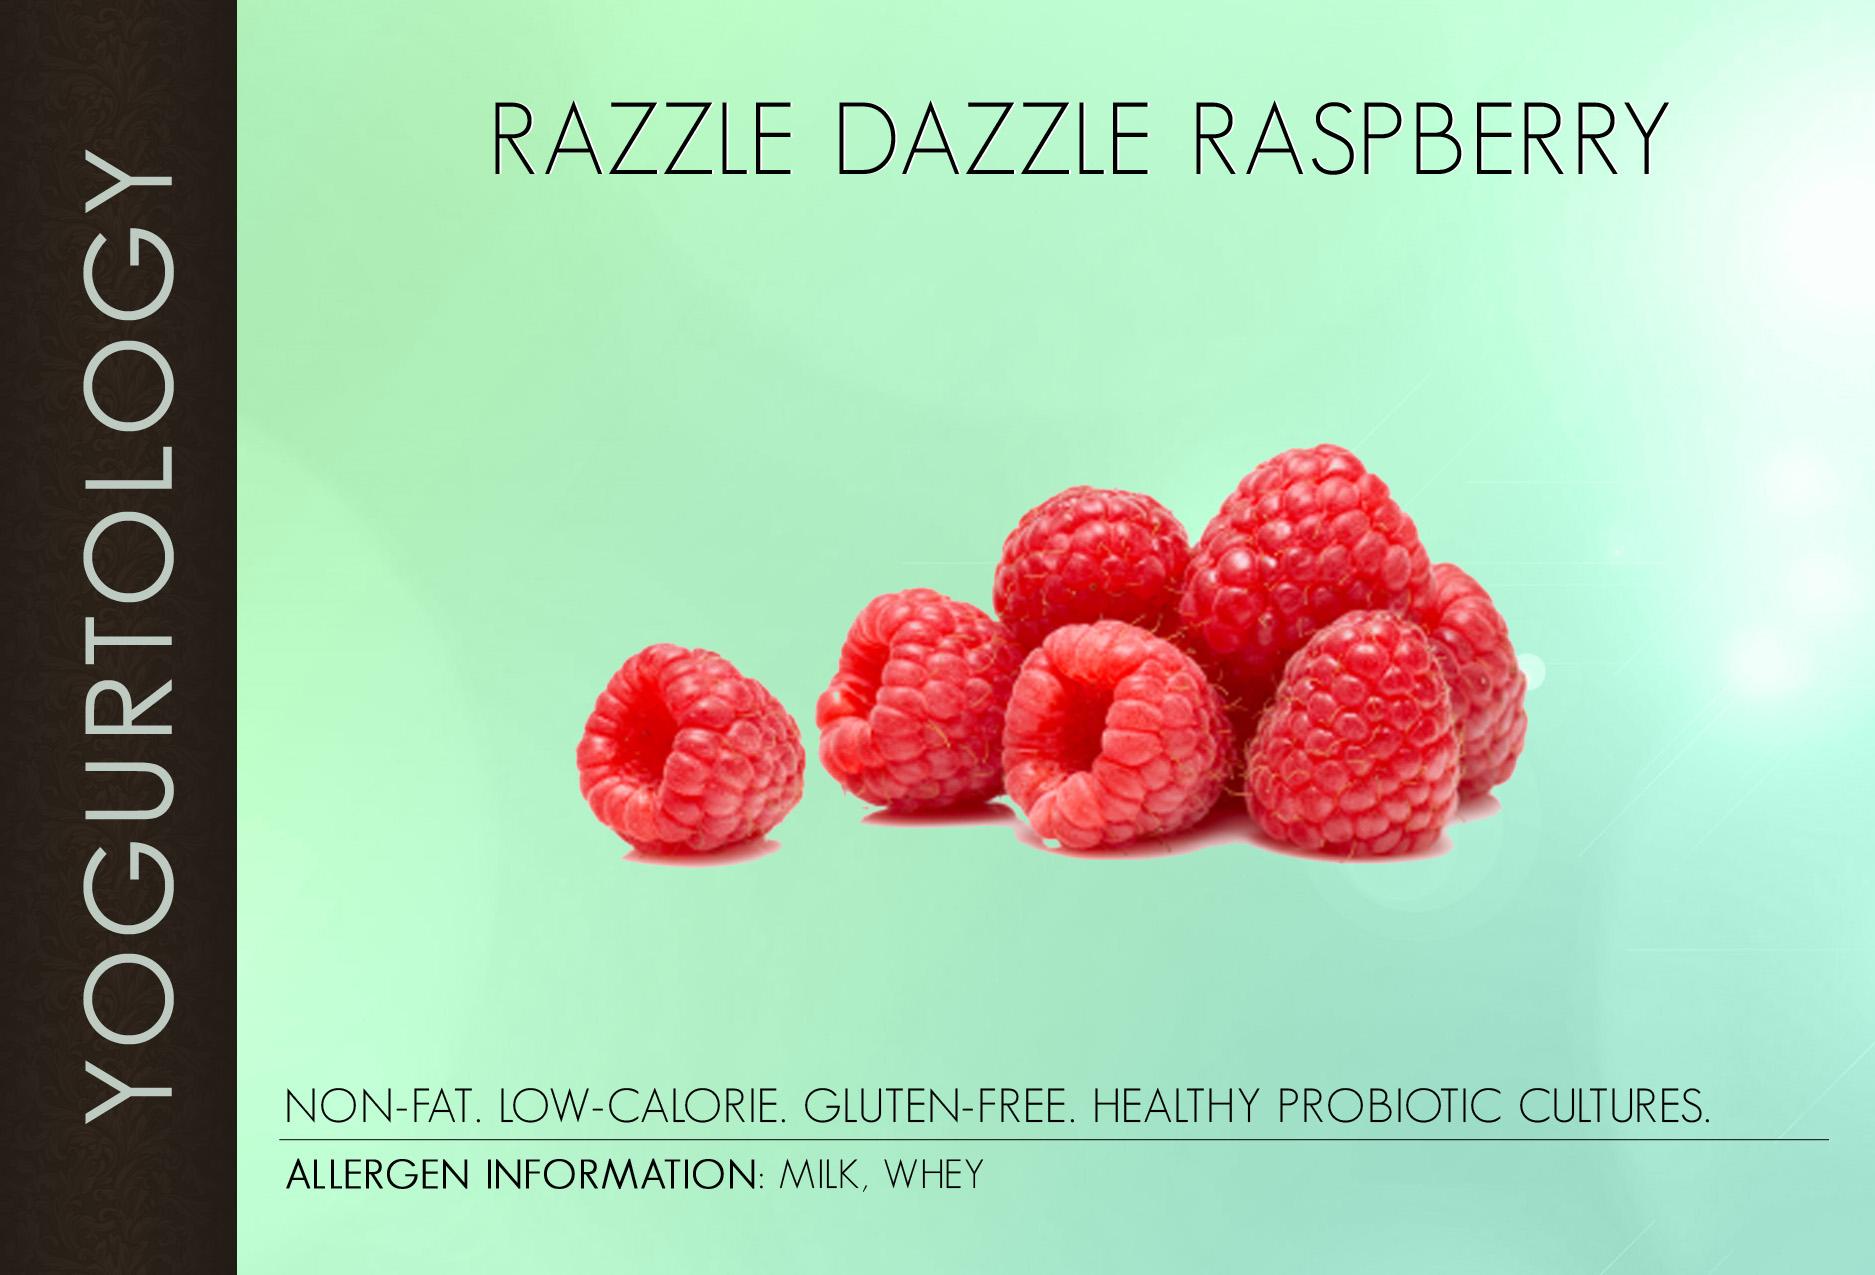 Razzle Dazzle Raspberry